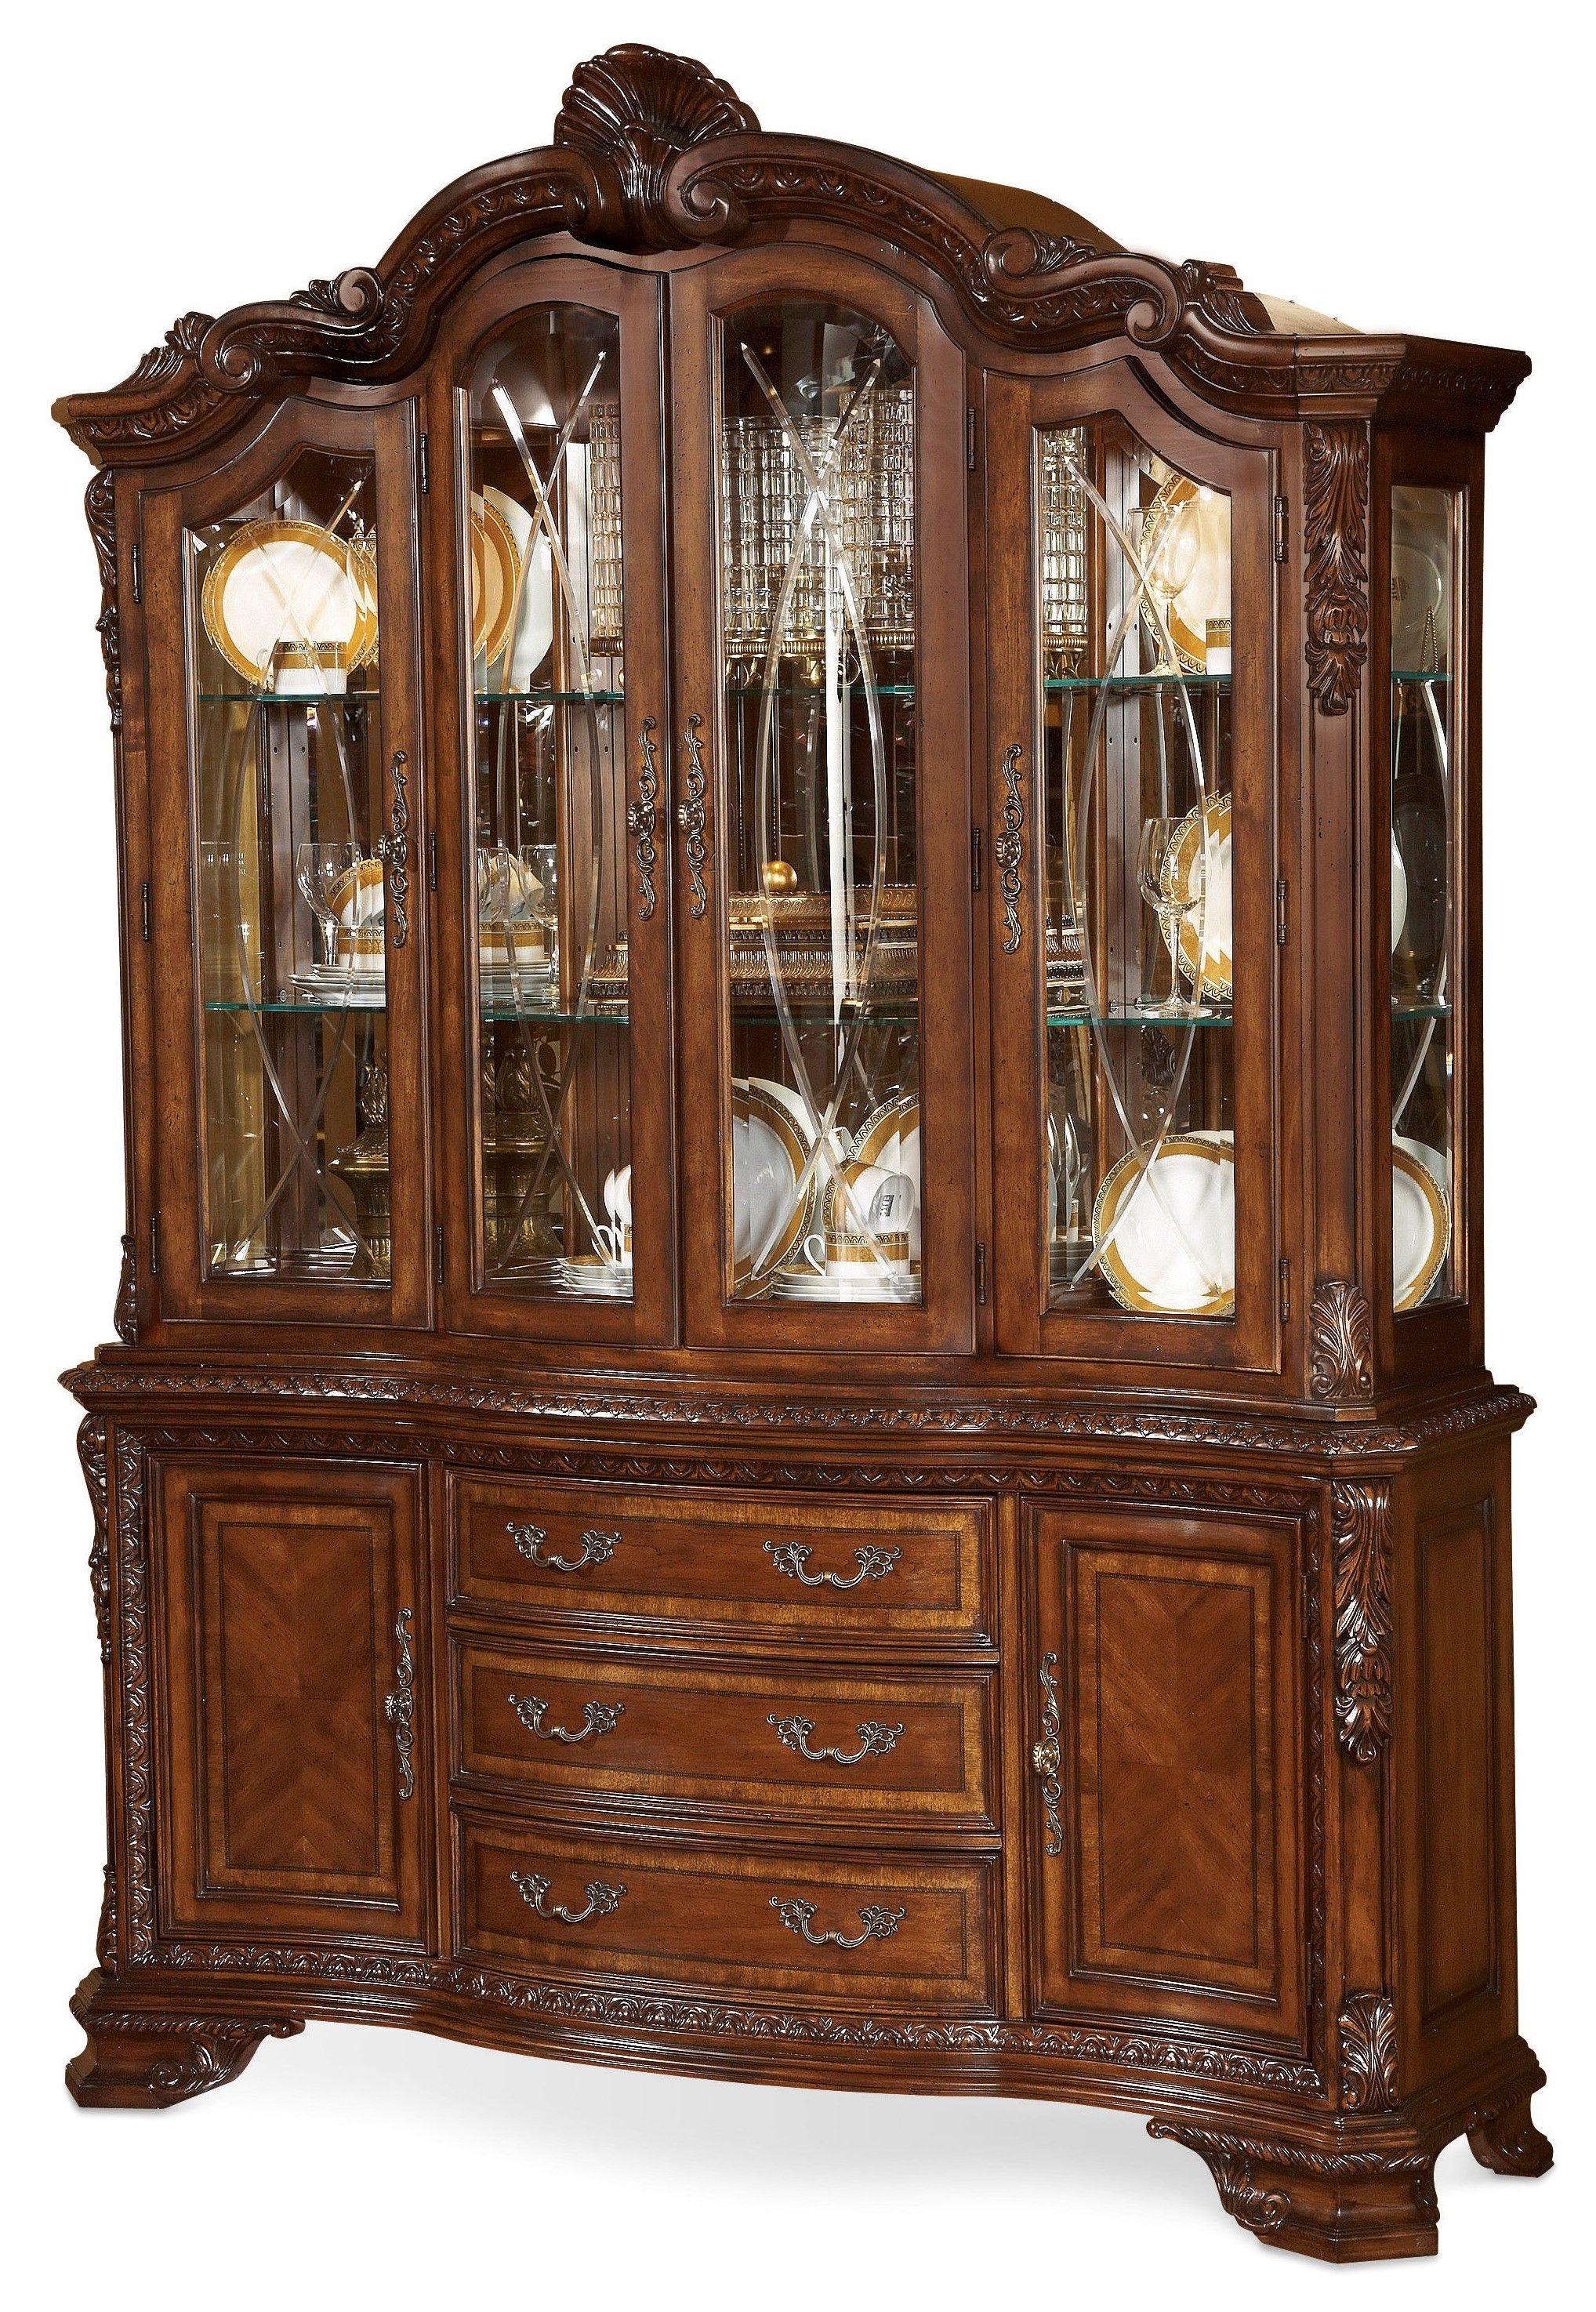 ART Furniture Dining Room China Cabinet Set 143241-2606 - Design ...